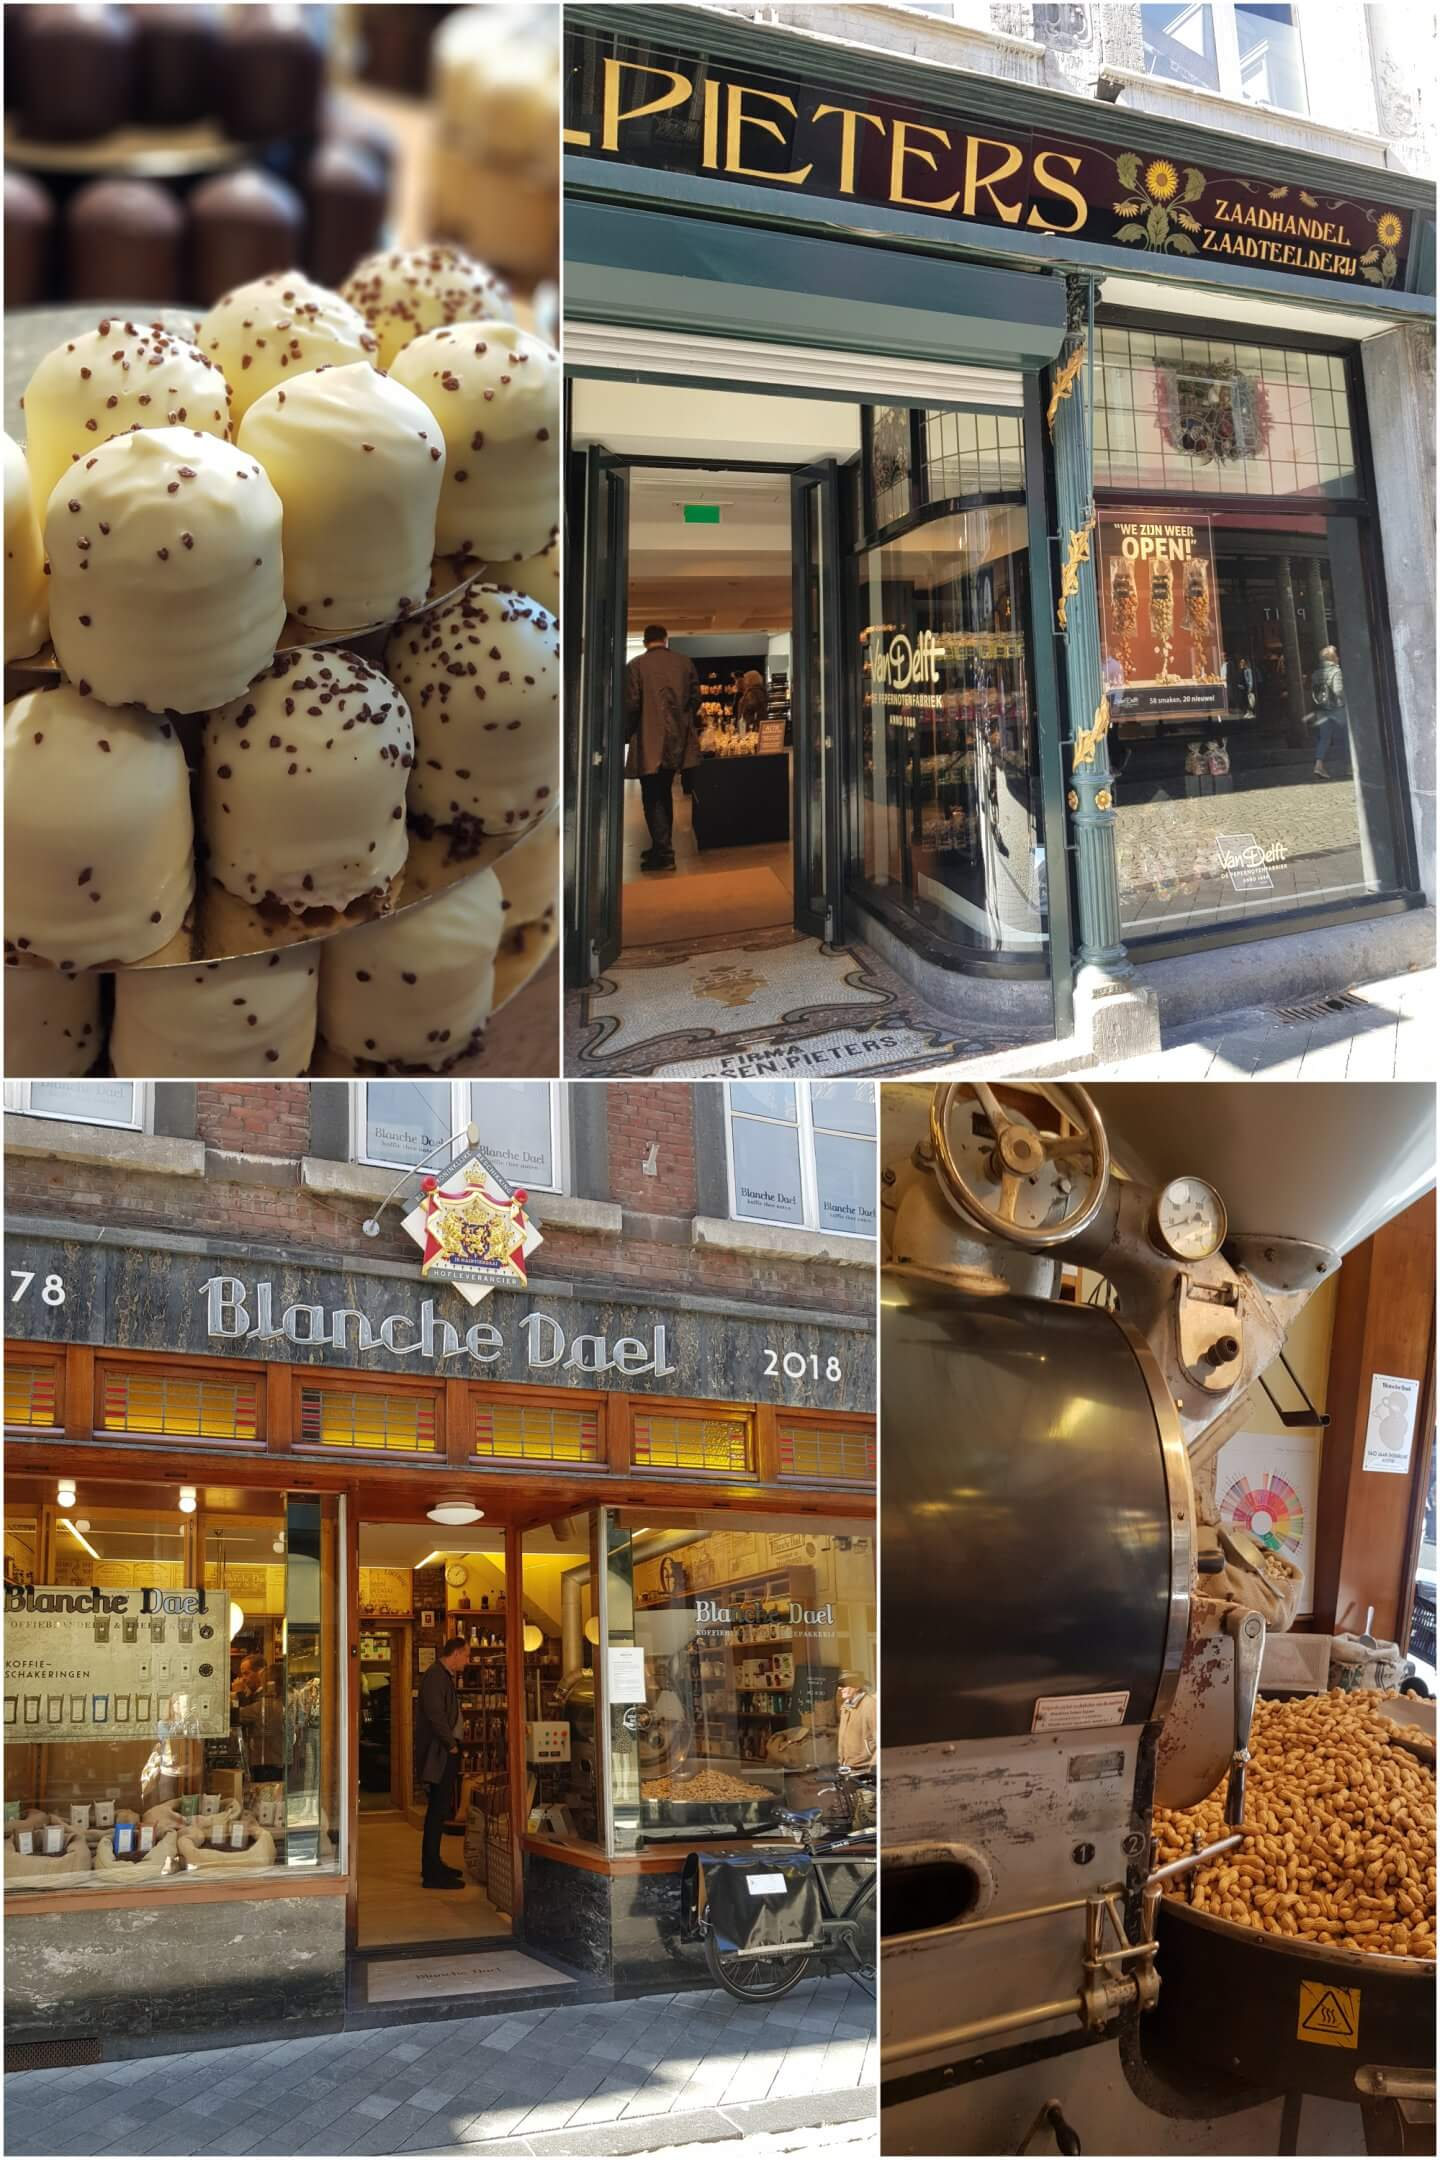 Maastricht Snacks von Delft Blanche dael